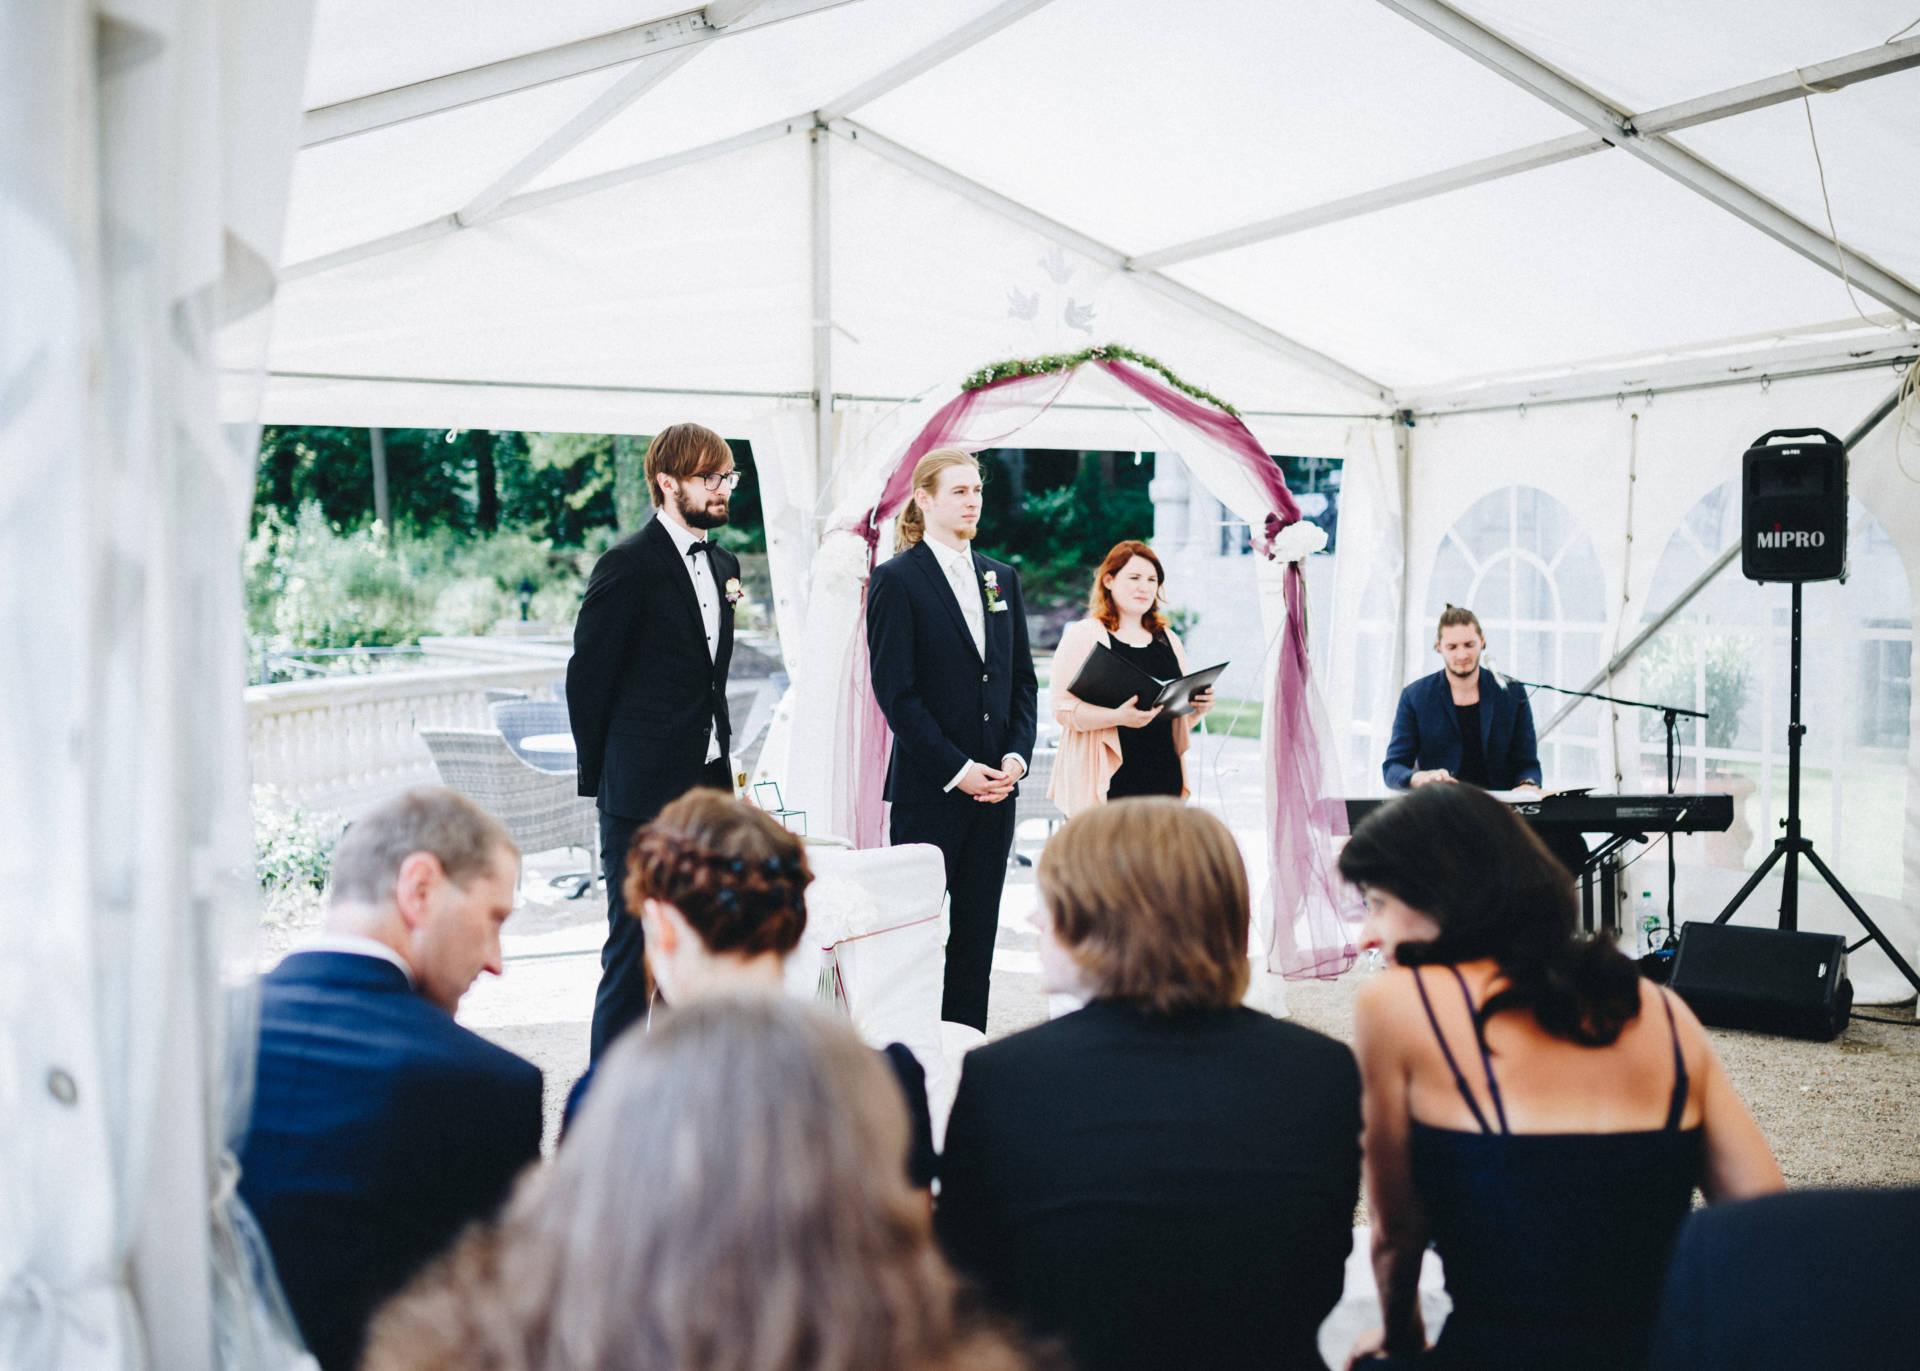 50mmfreunde Hochzeit Poesneck VillaAltenburg 02 - Freie Trauung in der Villa Altenburg